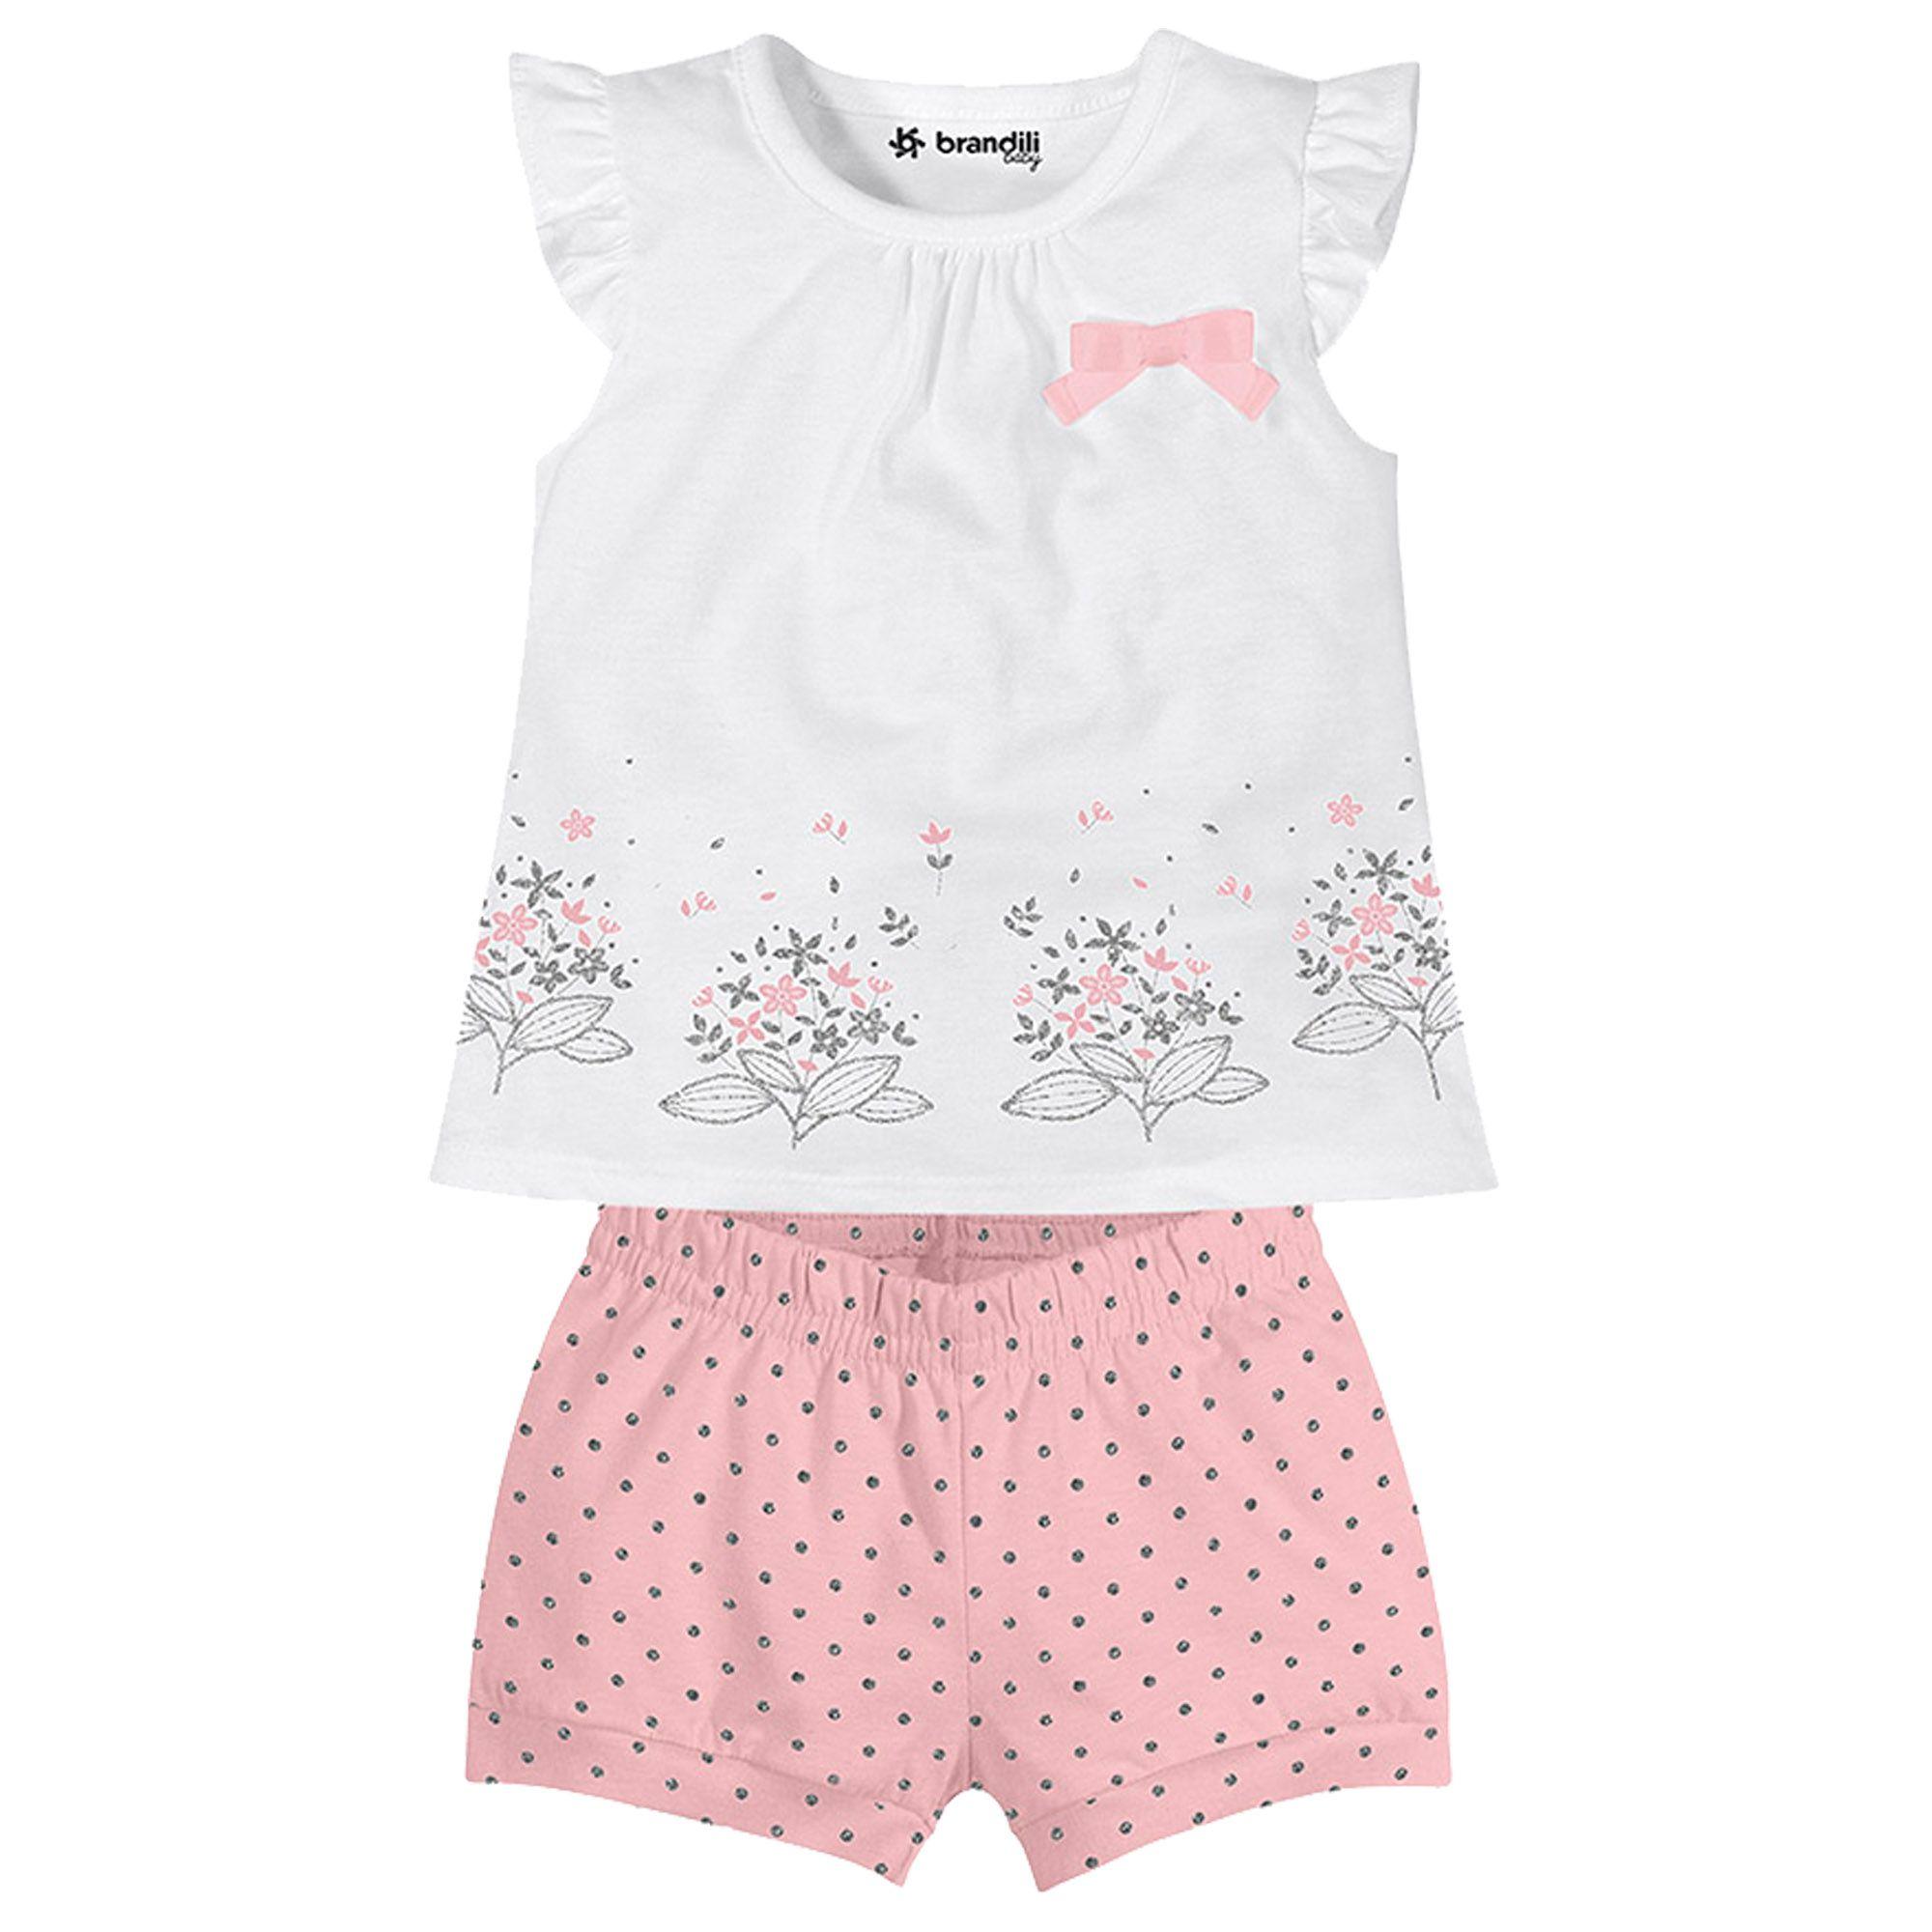 Conjunto Verão Brandili Baby Blusa Flores com Shorts Poá - 1 ao 3